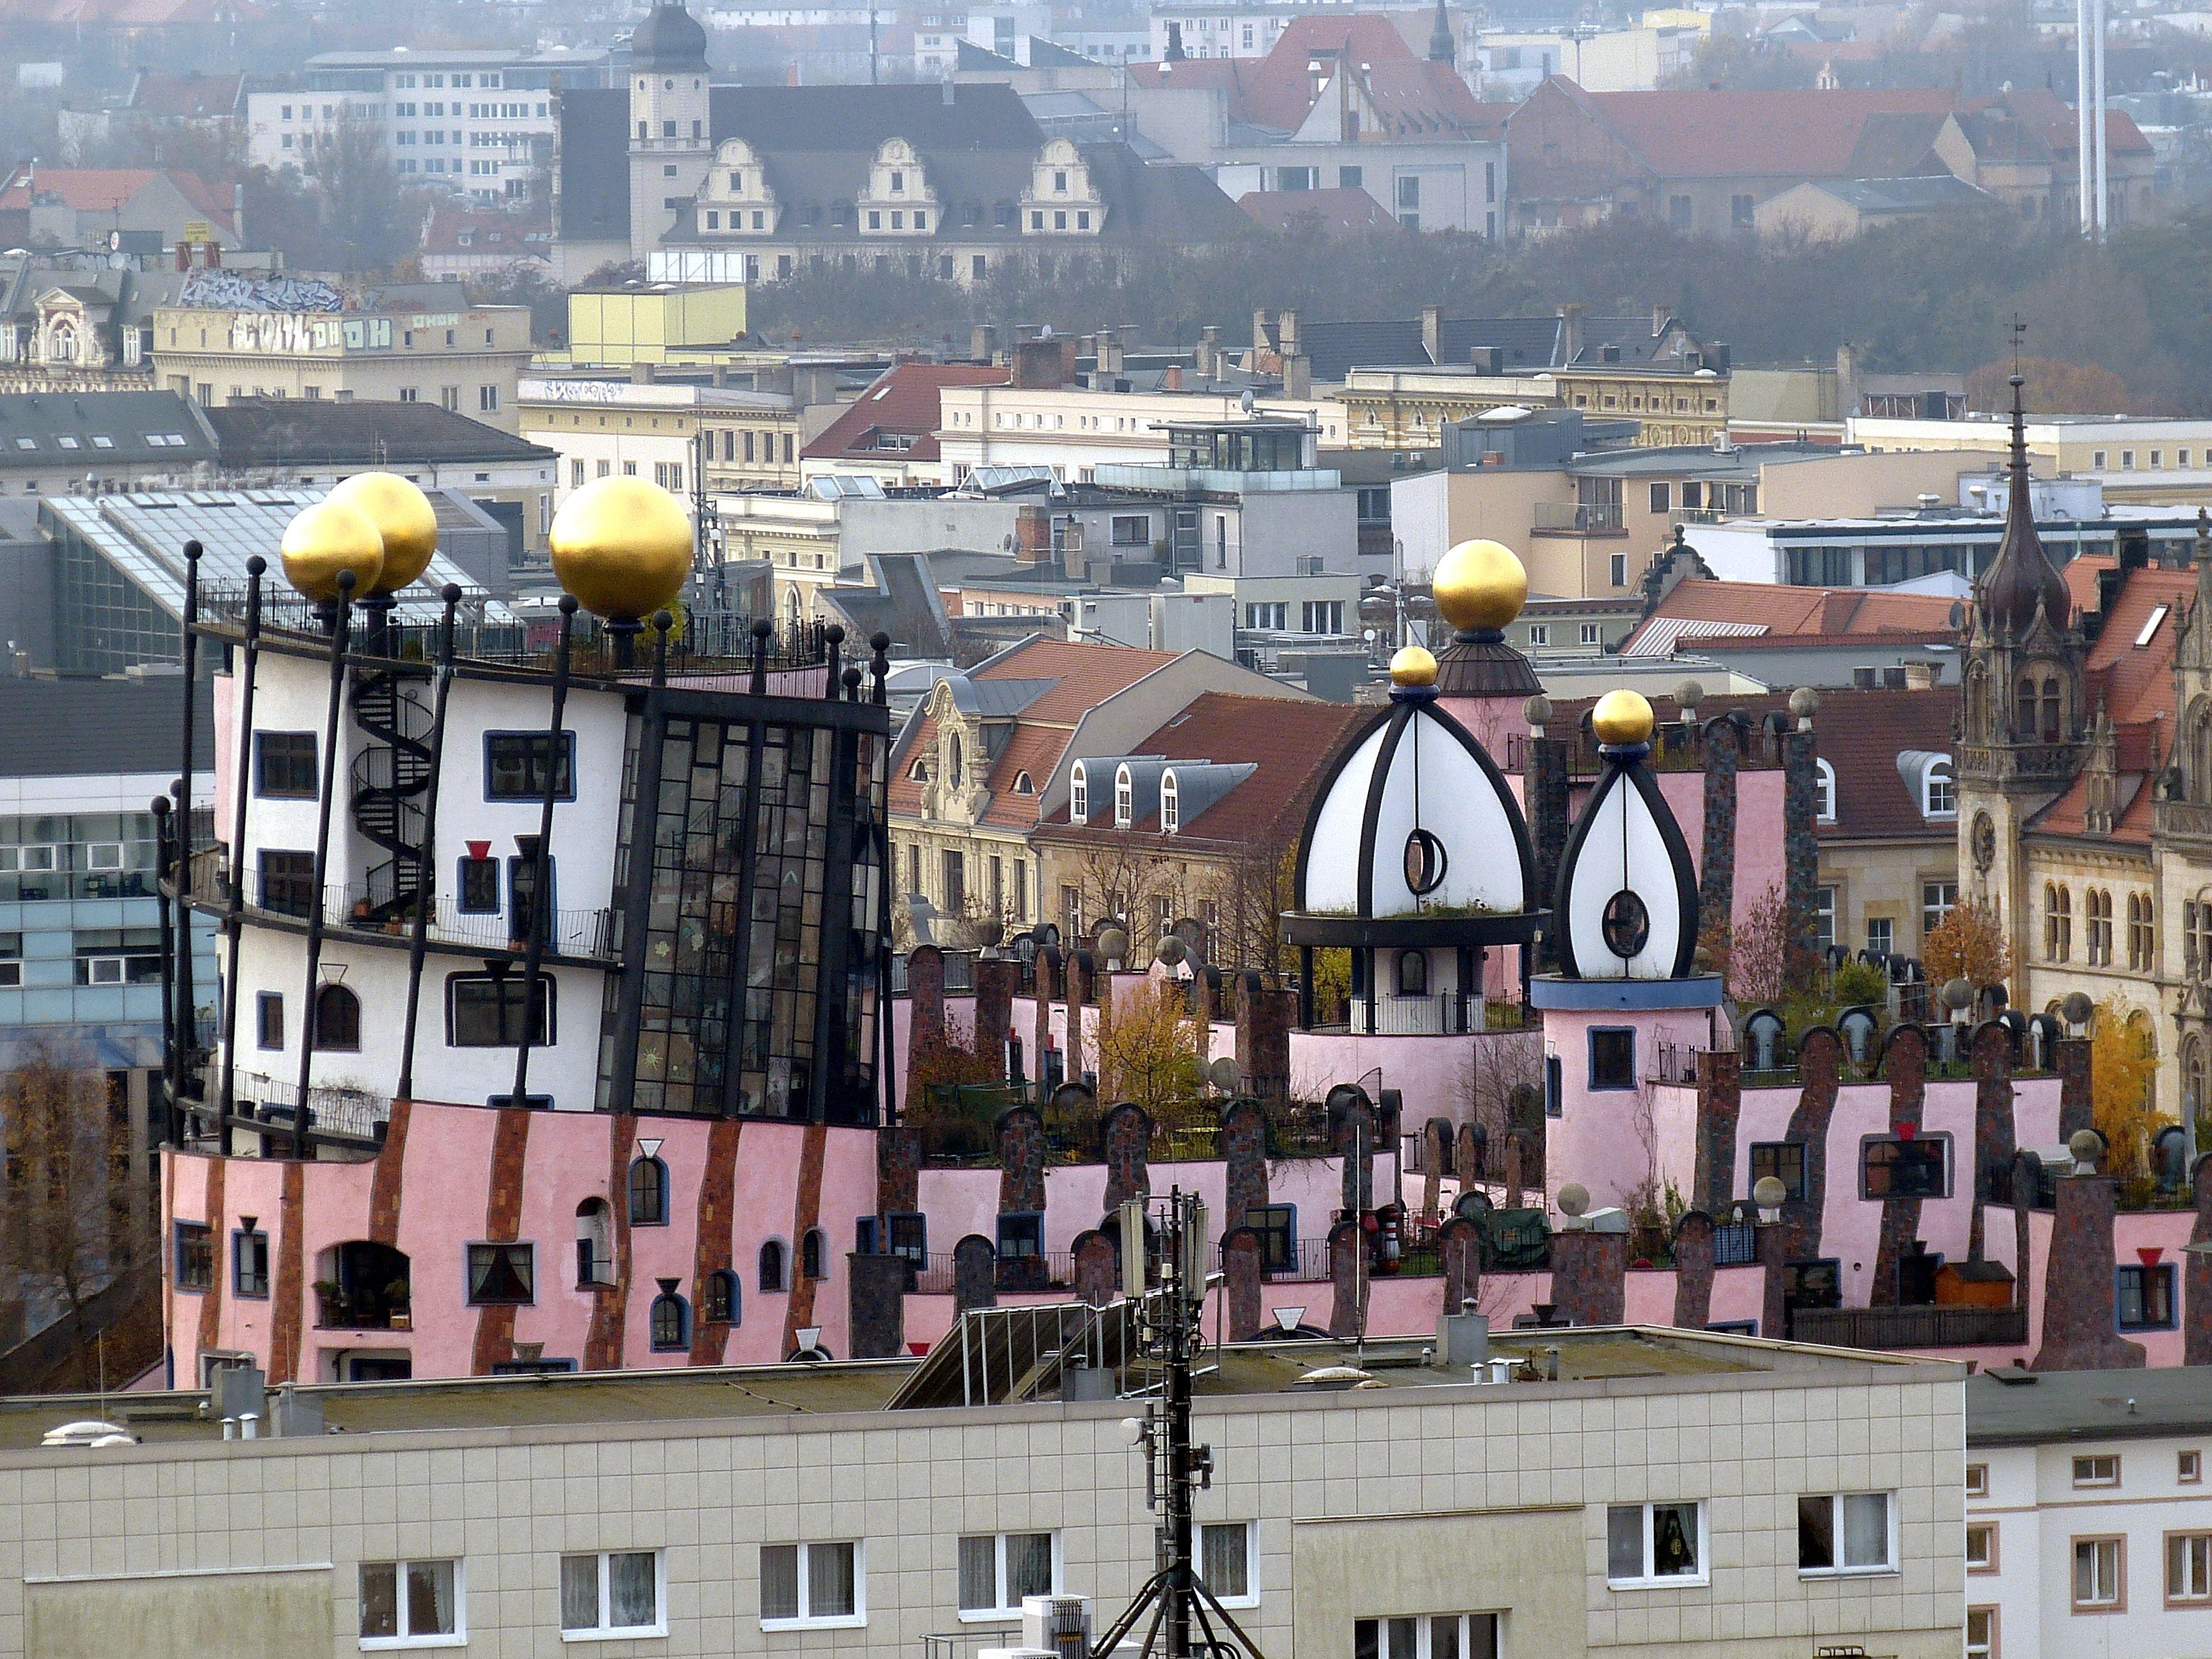 Magdeburg Architektur kostenlose foto die architektur skyline aussicht stadtbild